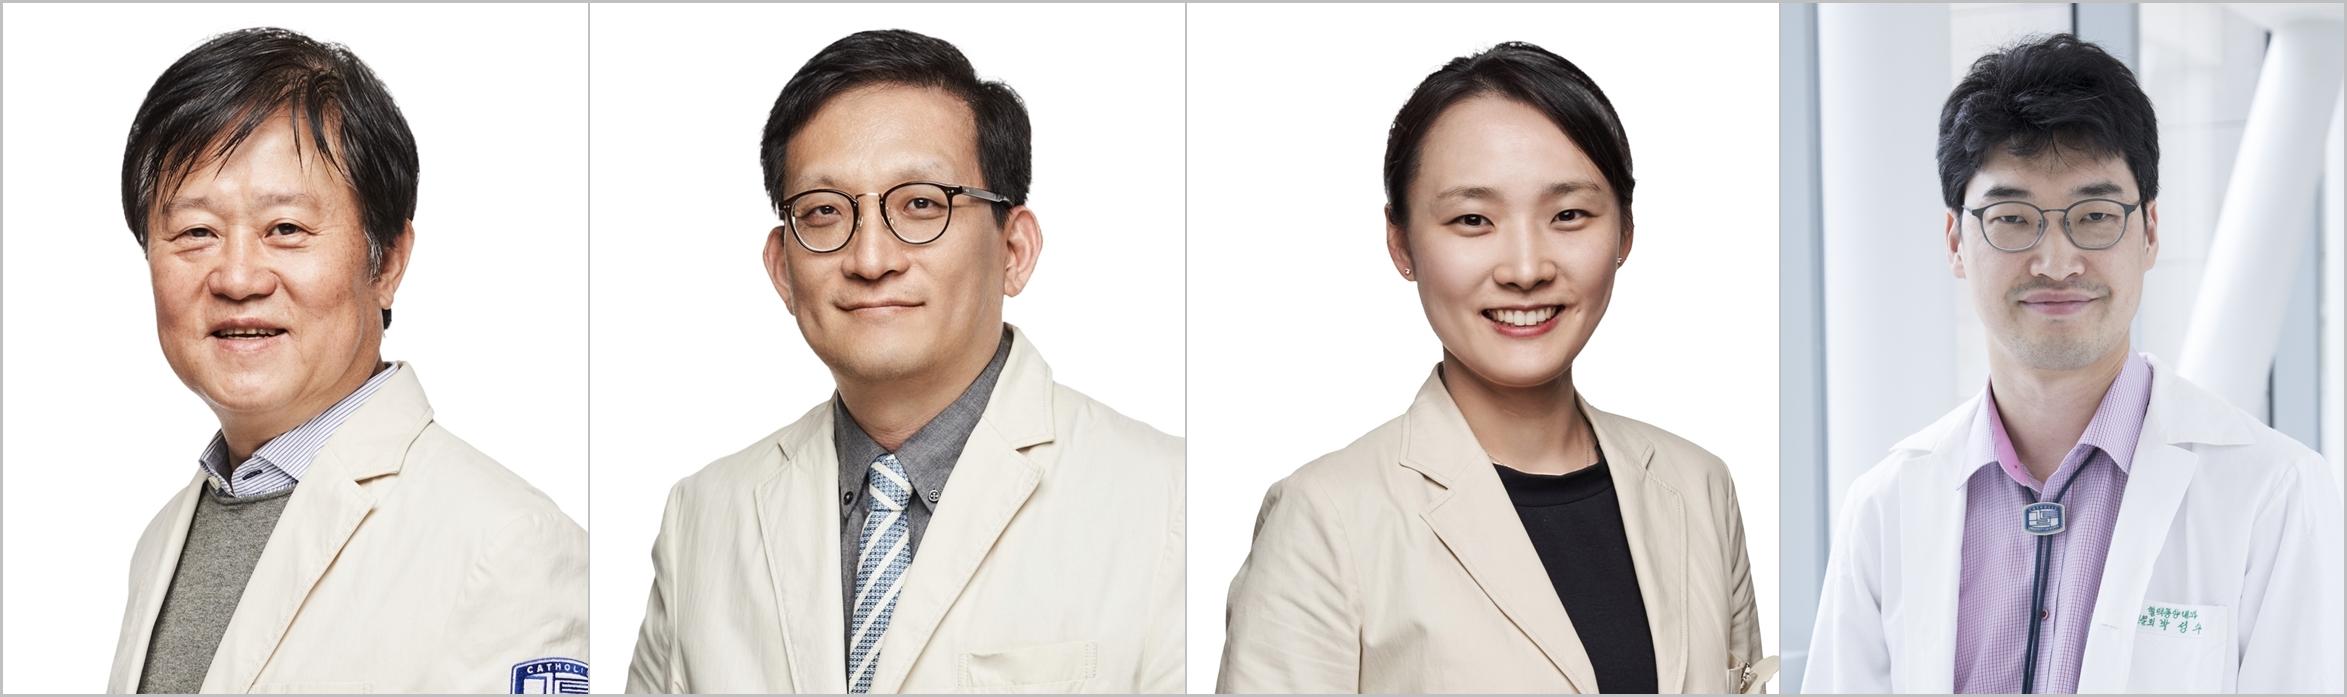 (왼쪽부터) 가톨릭대학교 서울성모병원 혈액병원장 김동욱 교수, 감염관리실장 이동건 교수, 감염내과 조성연 교수, 혈액내과 박성수 교수